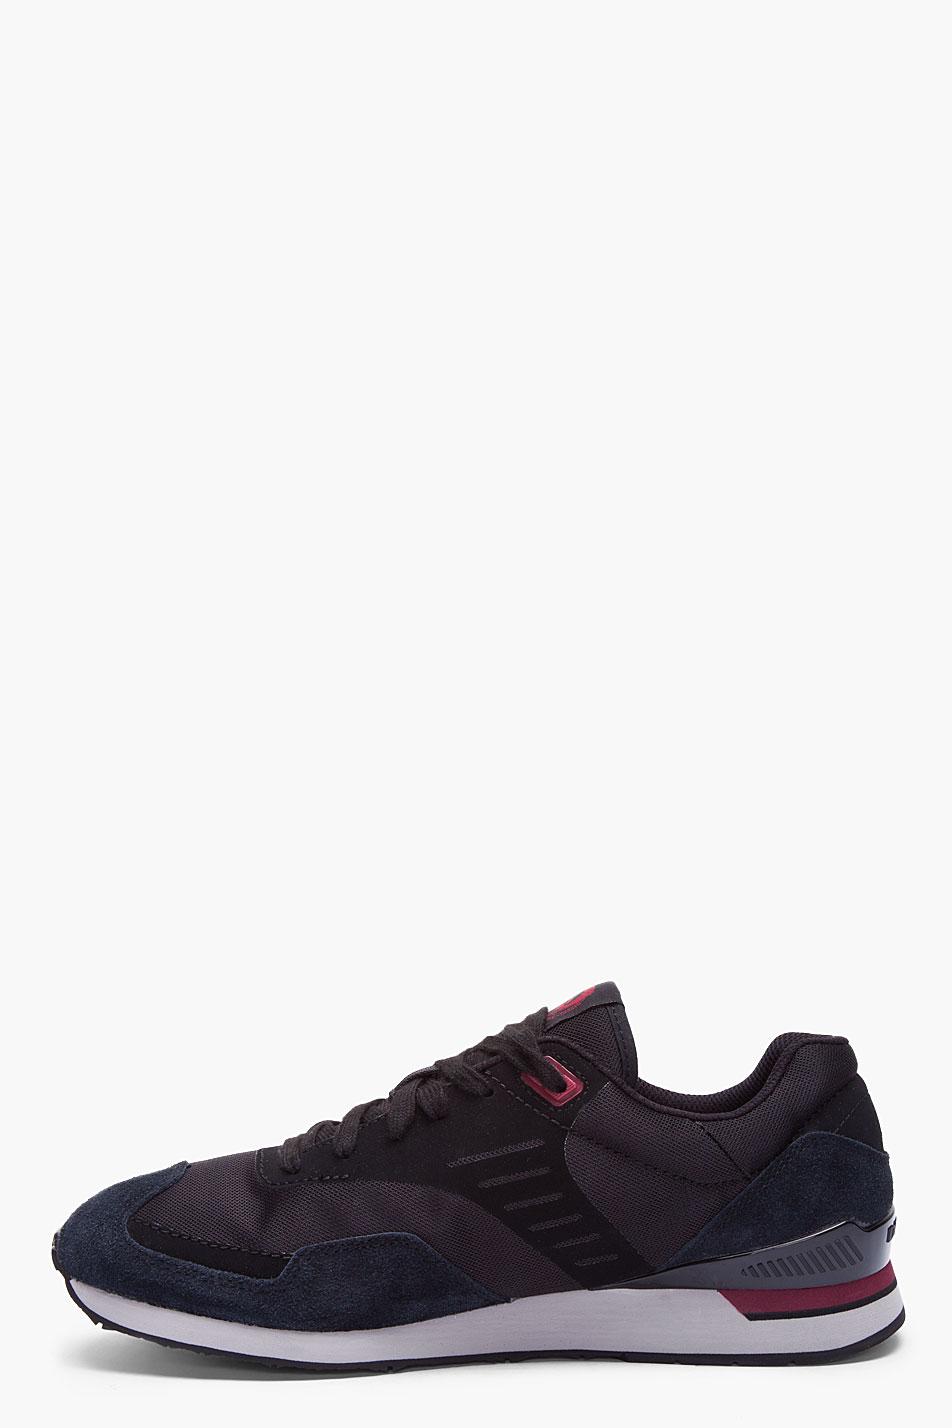 Diesel Black Coofy Sneakers For Men Lyst